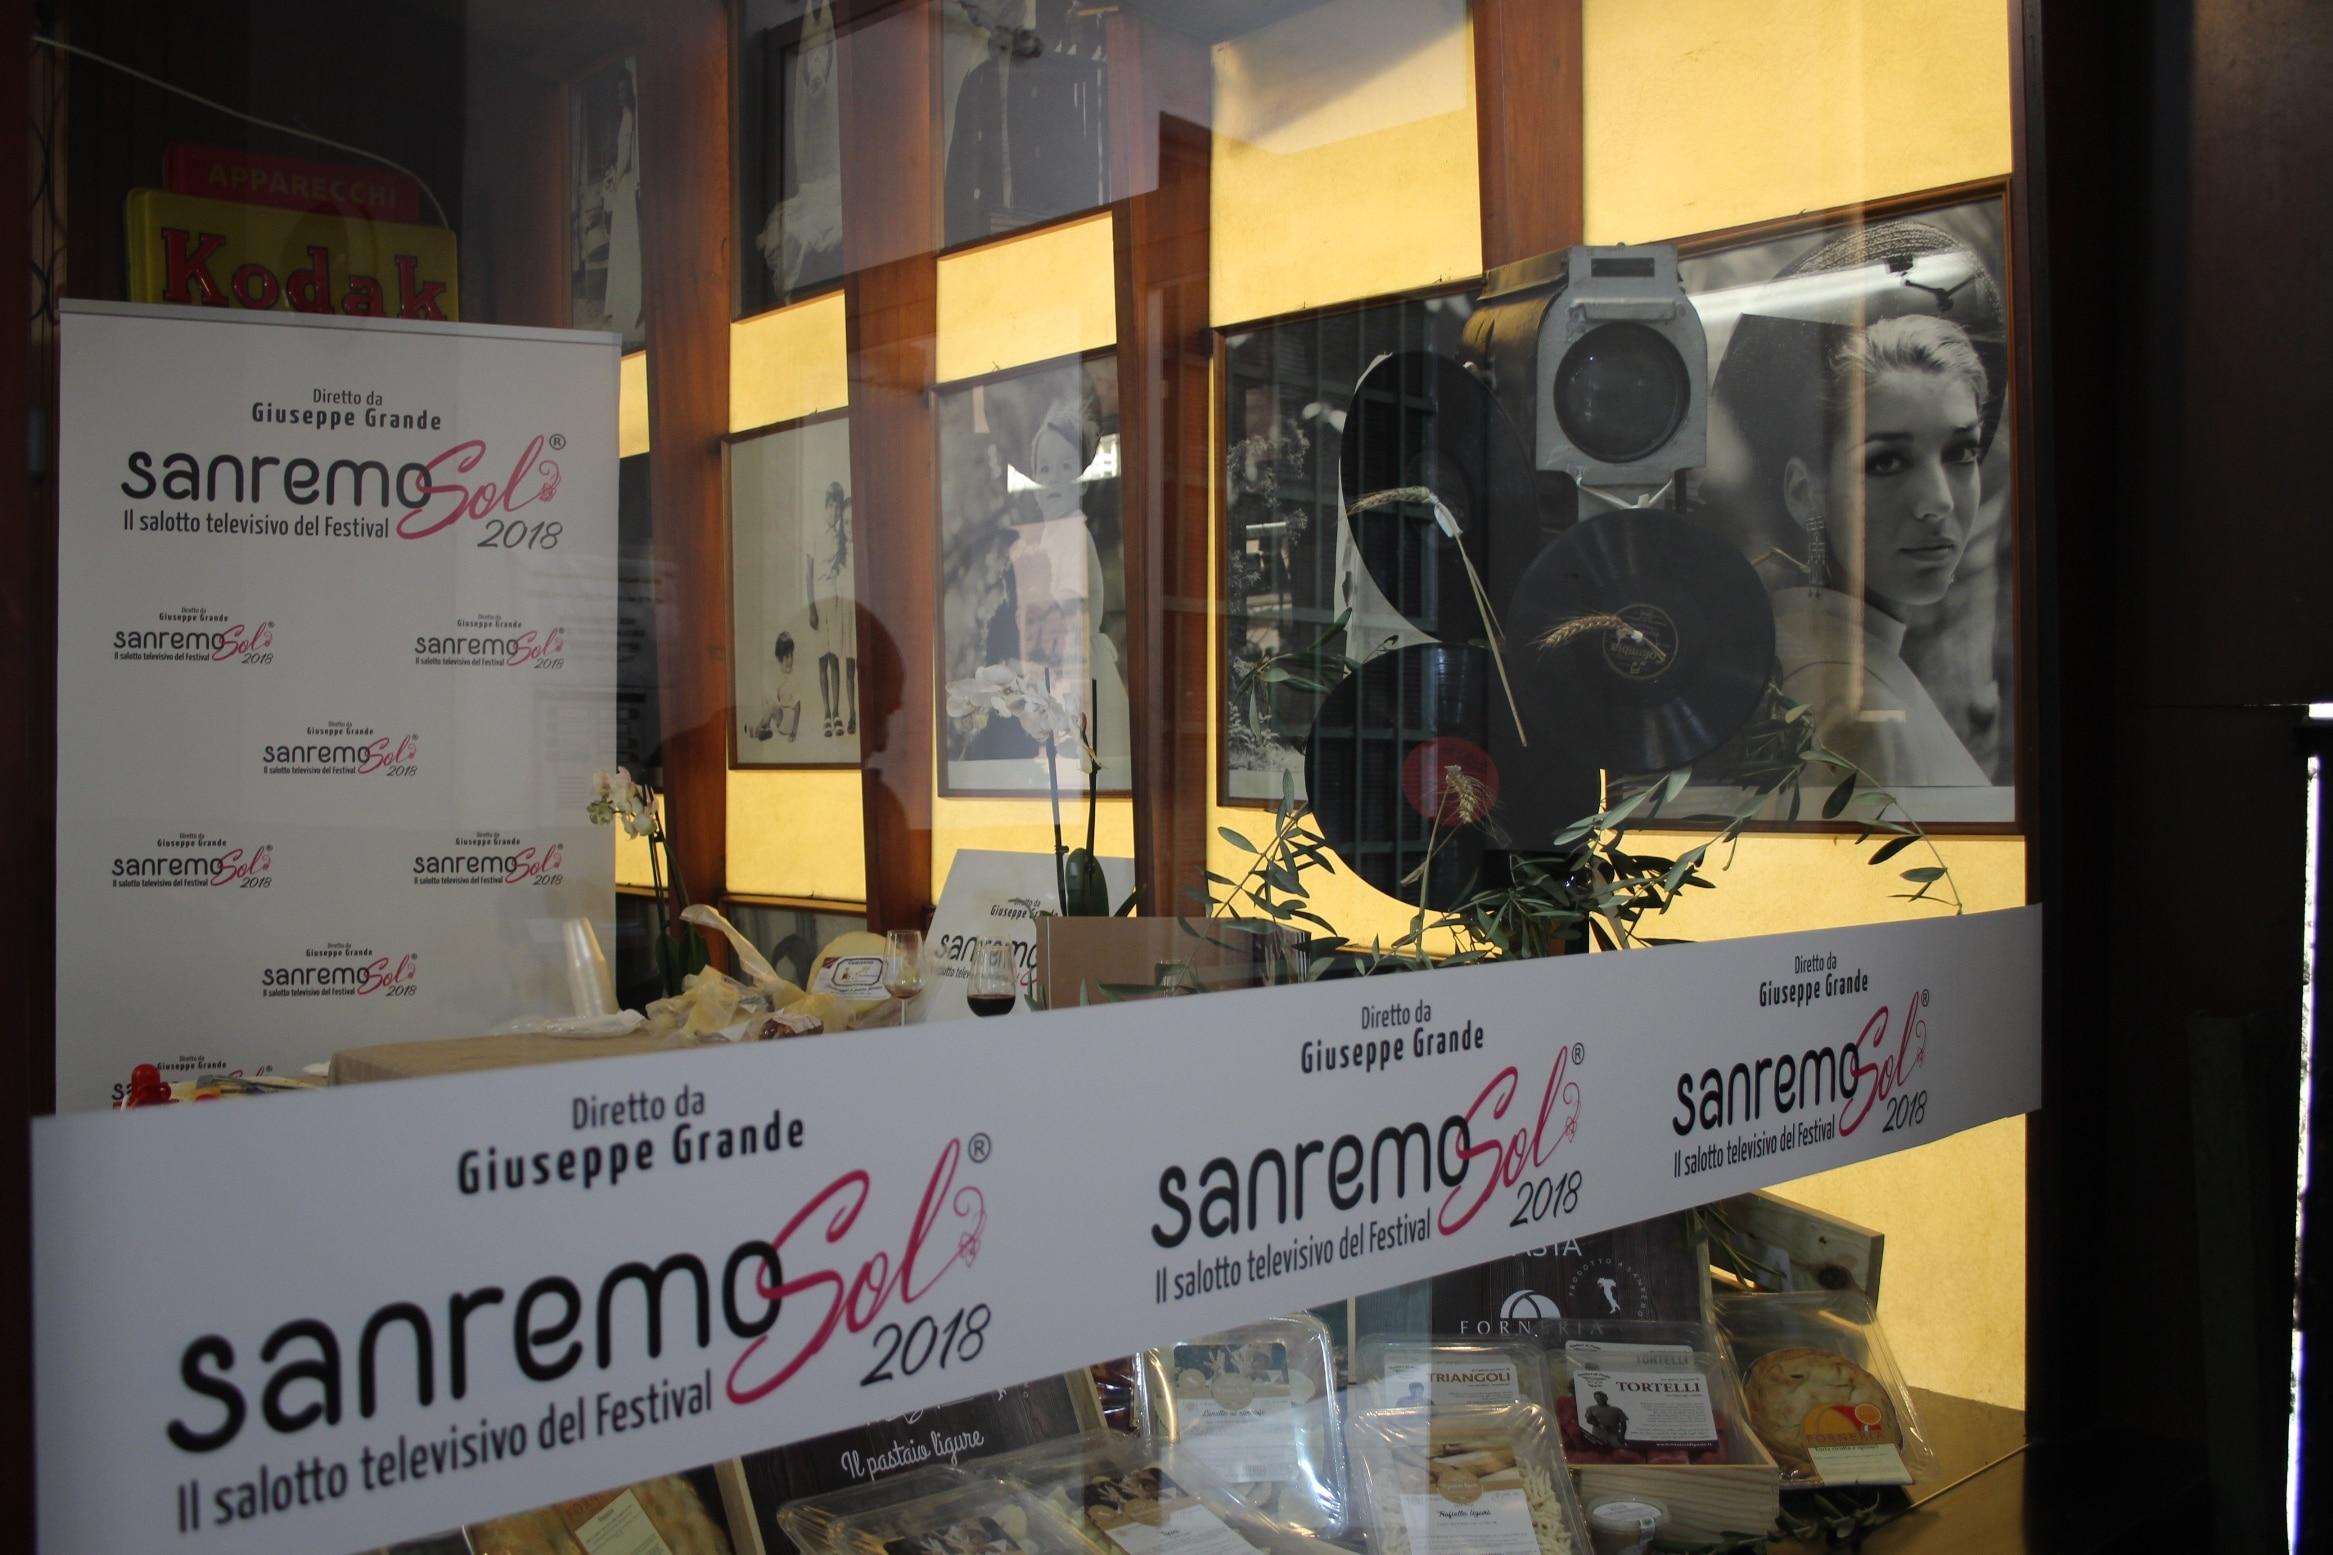 SanremoSol è il format che racconta il Festival di Sanremo in diretta a due passi dal teatro Ariston